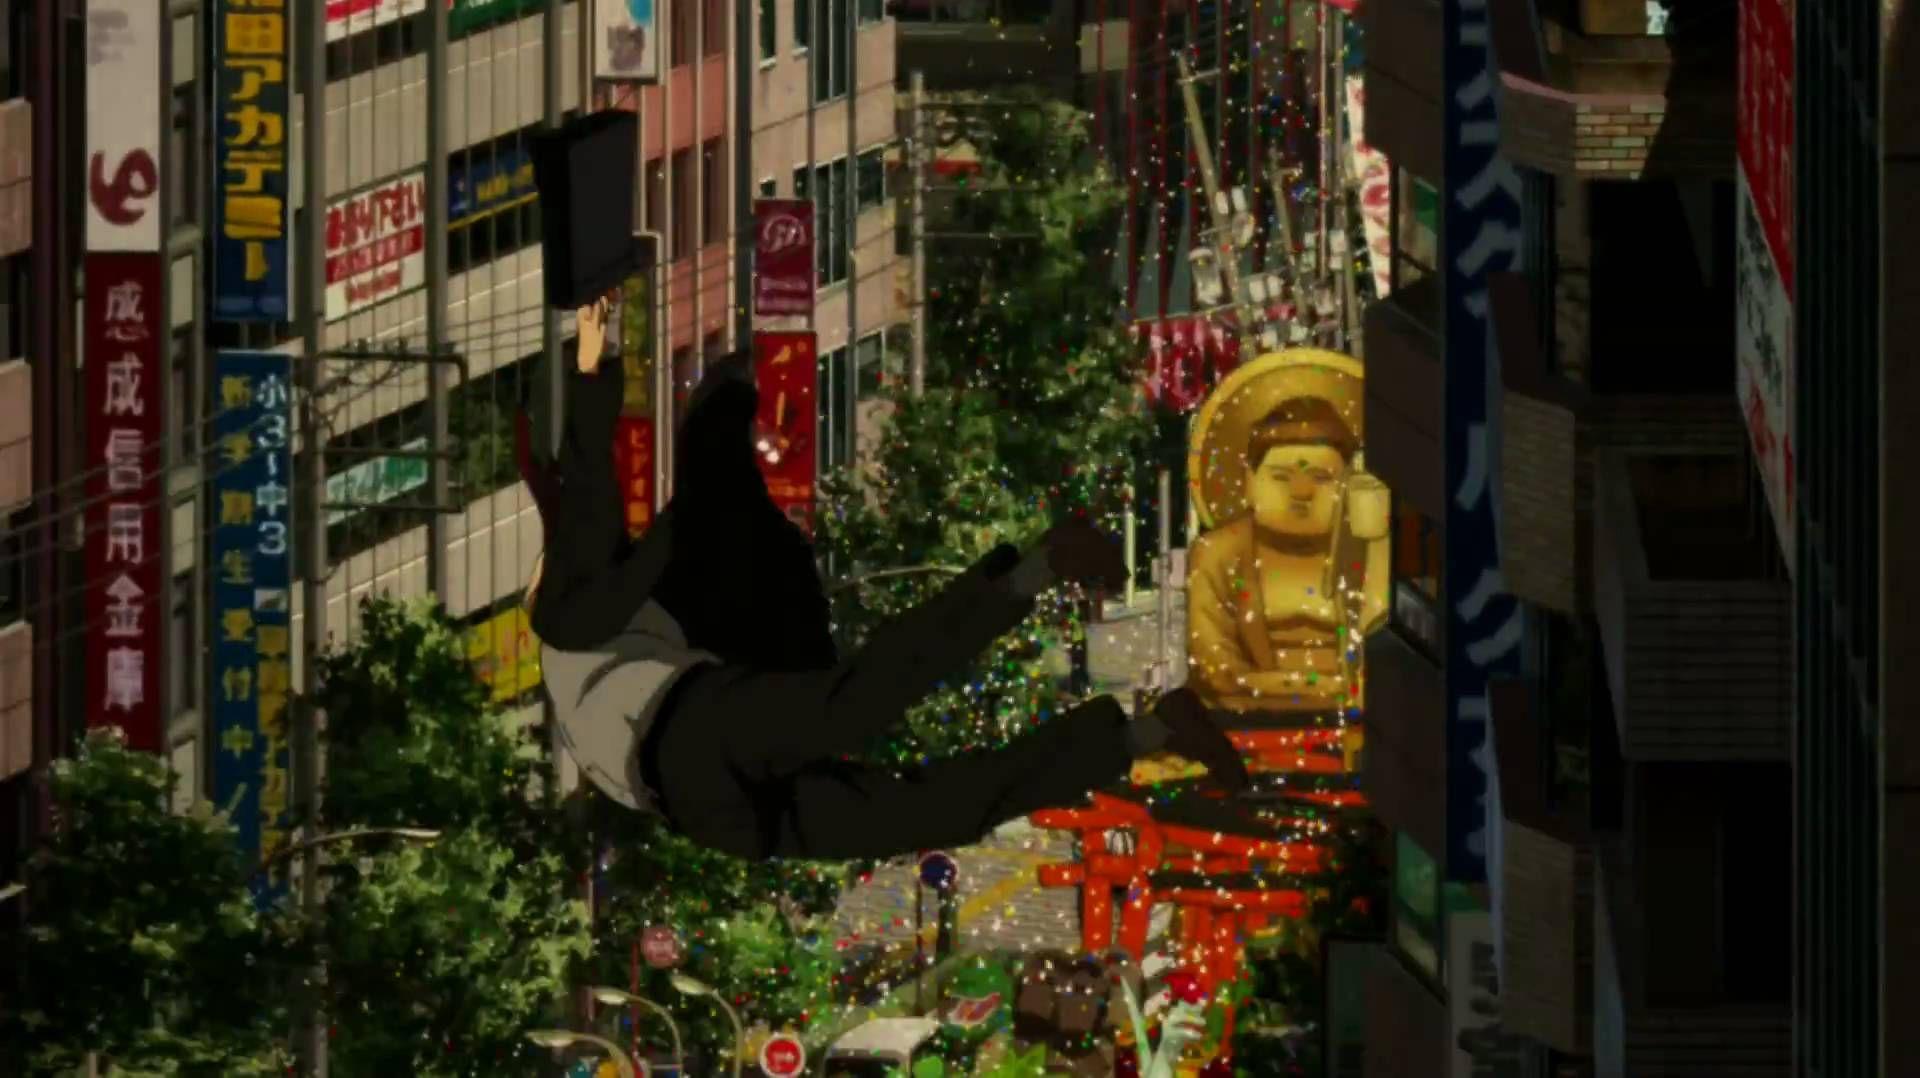 Paprika Trailer (HD 1080p) 今敏